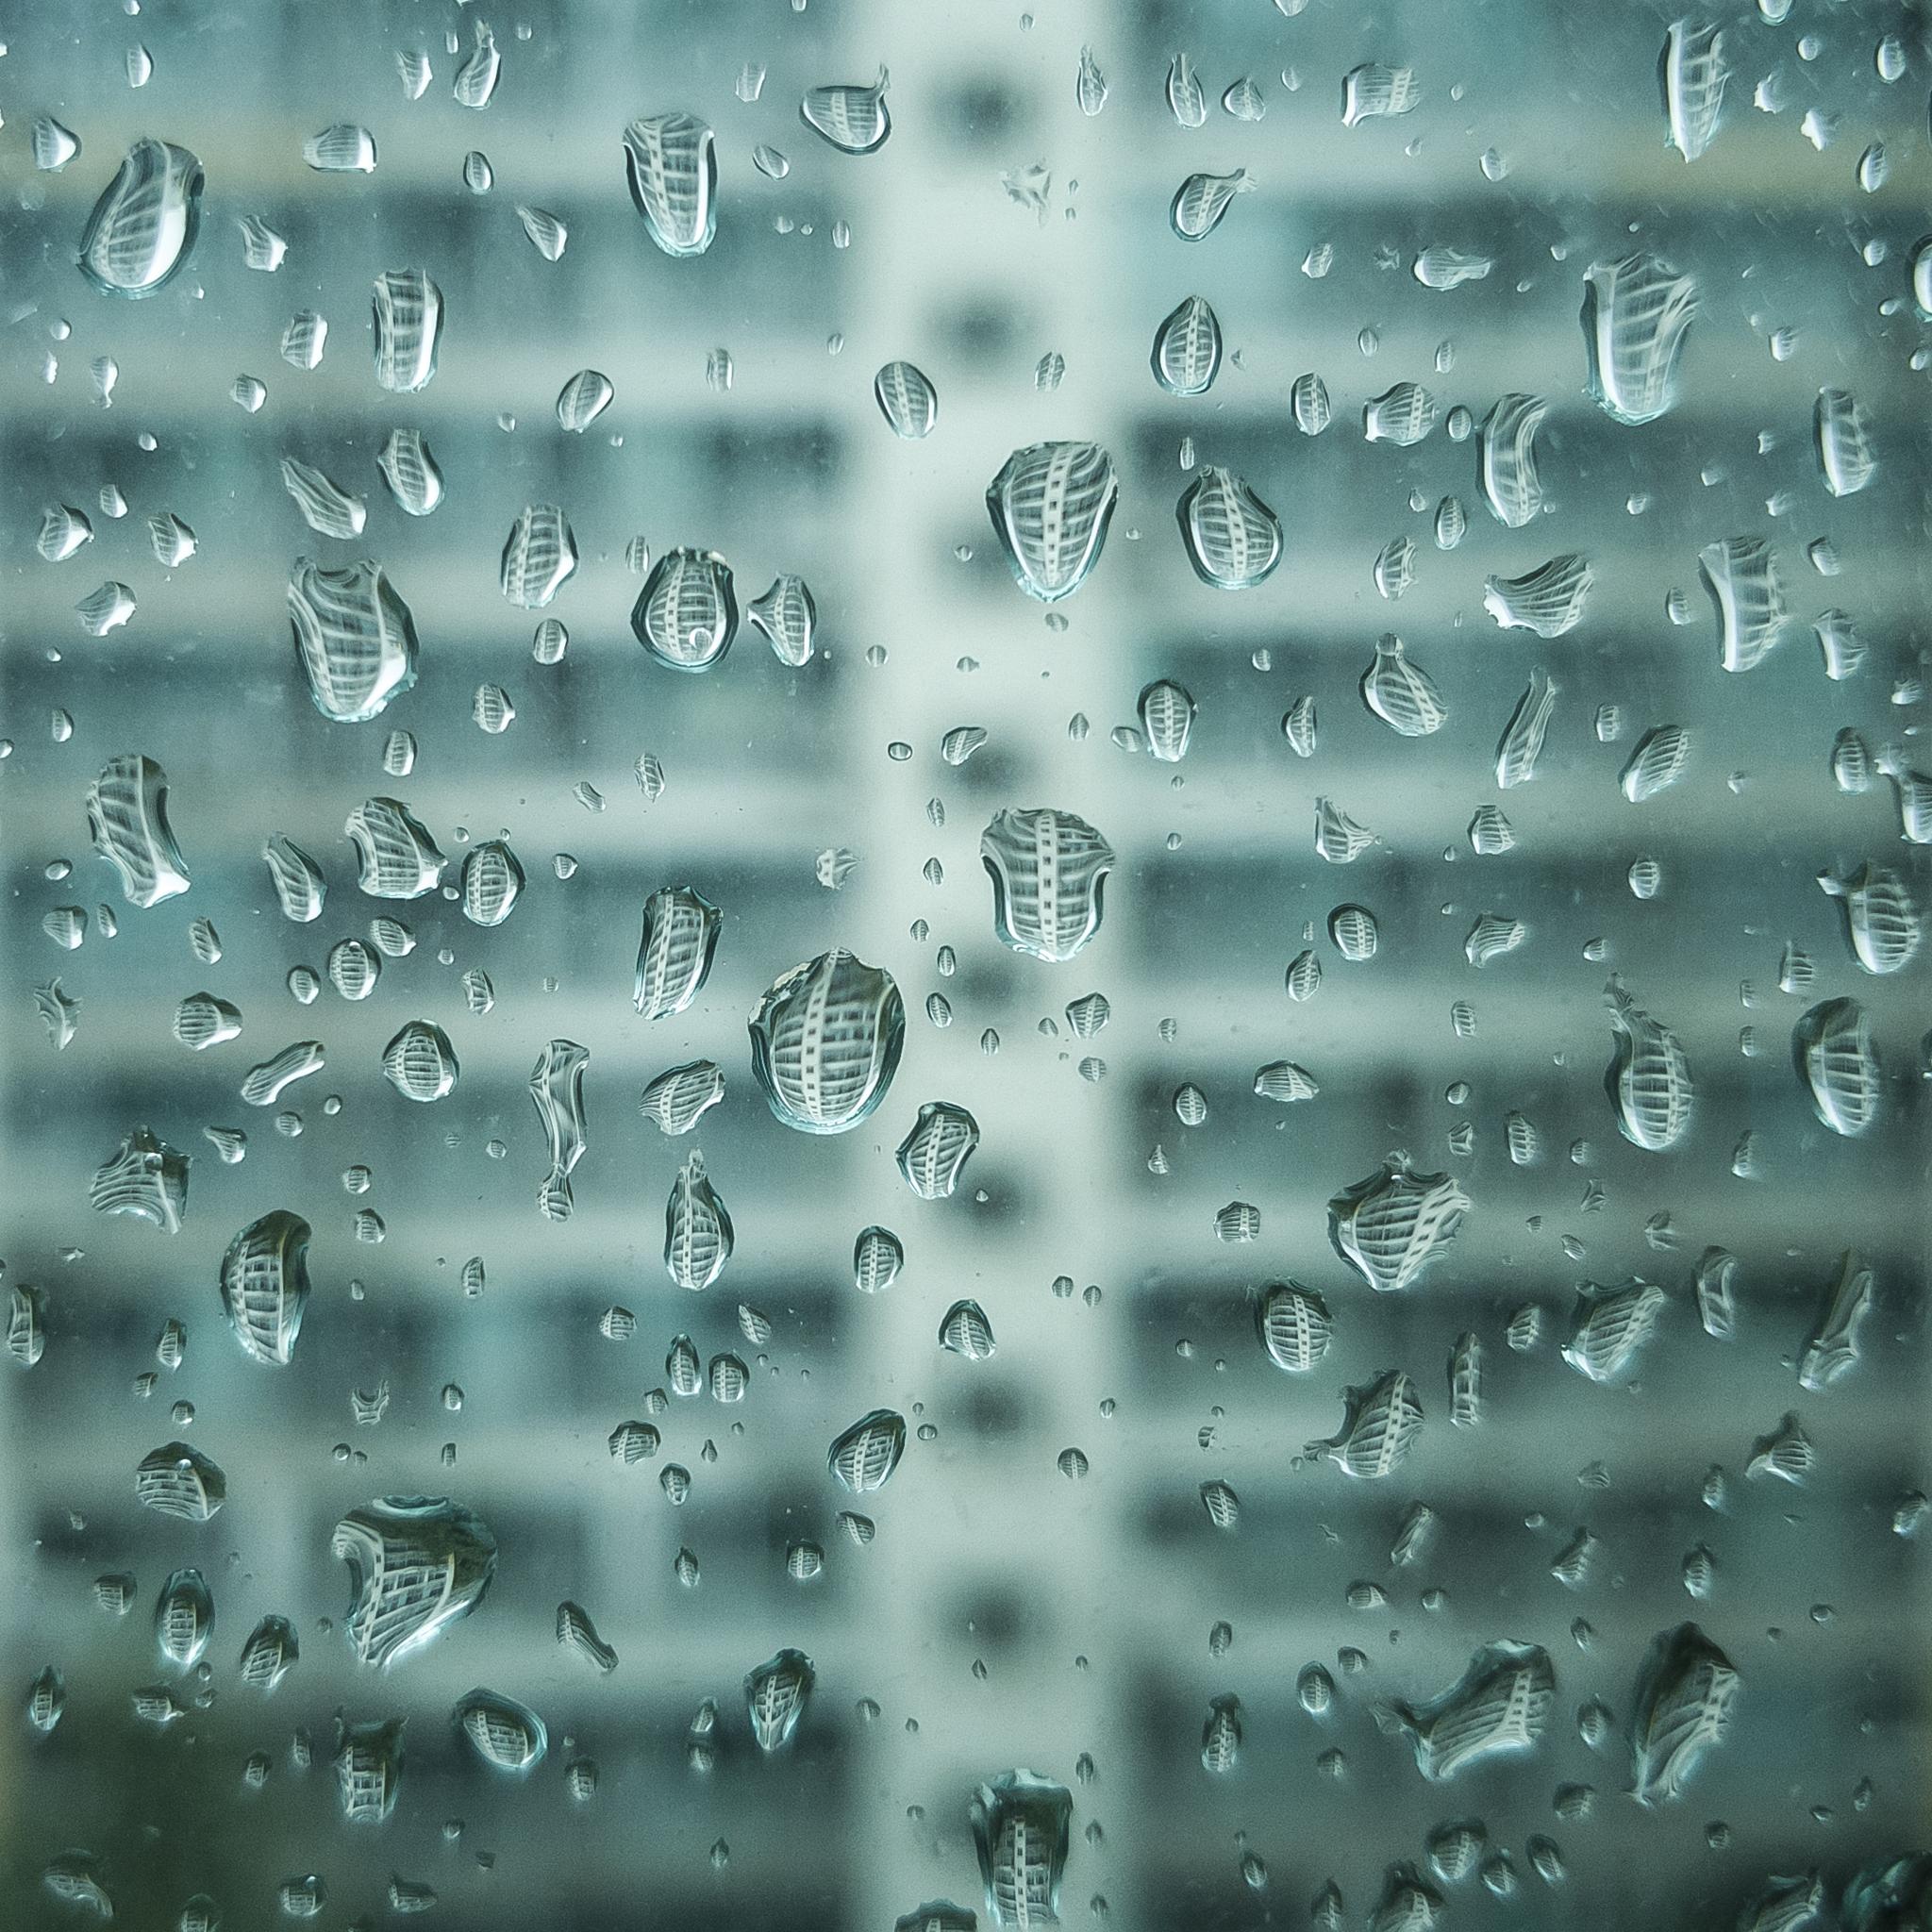 창에 맺힌 물방울 /20190812